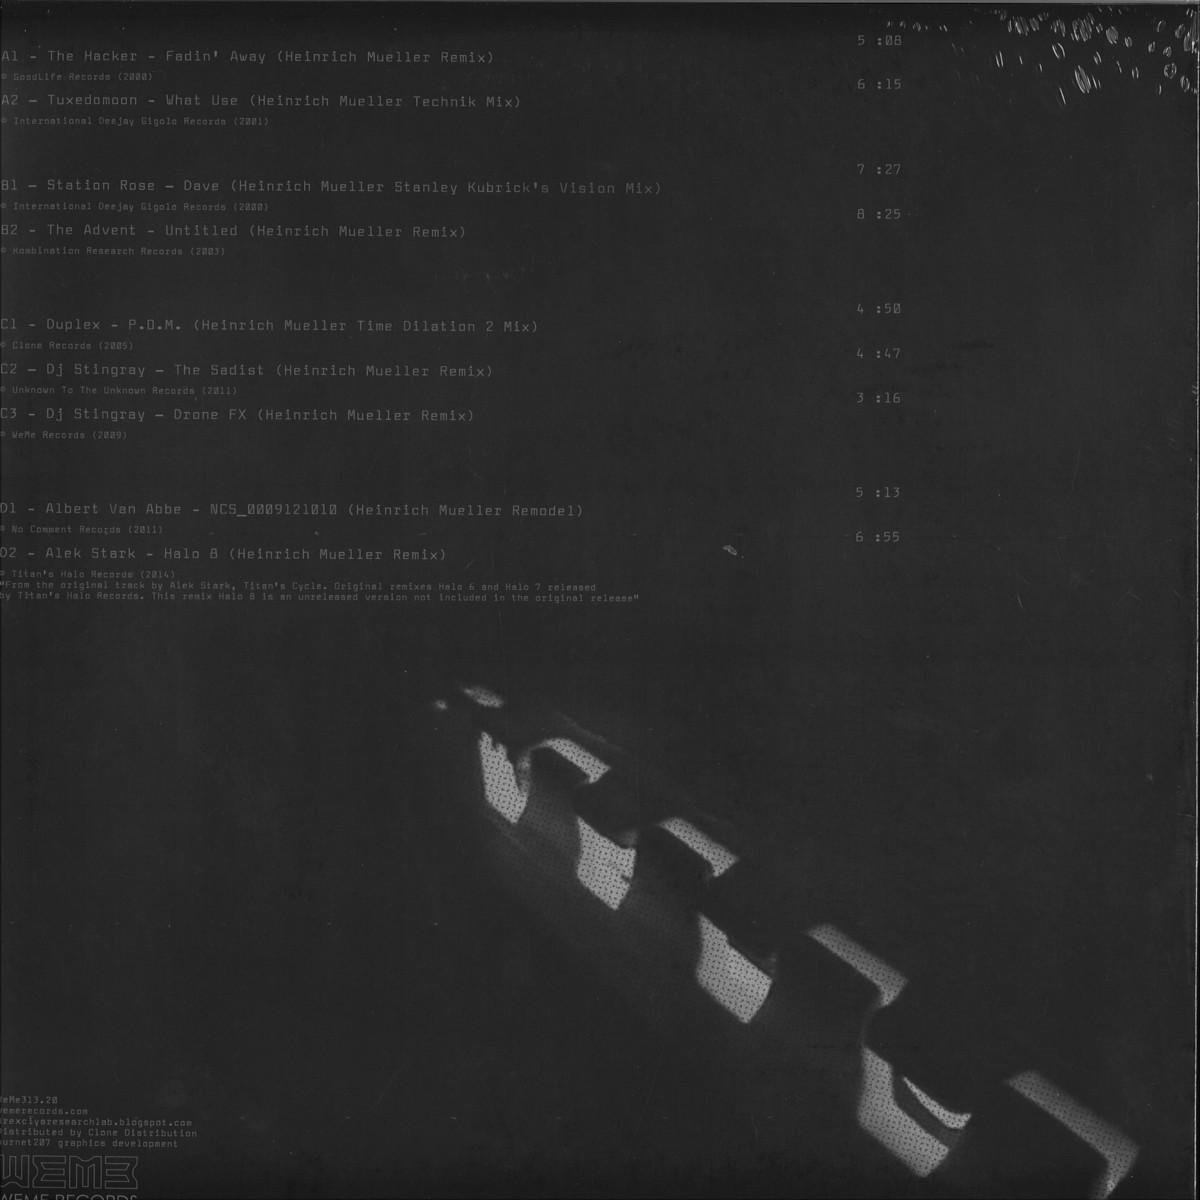 deejay de - We Me Records